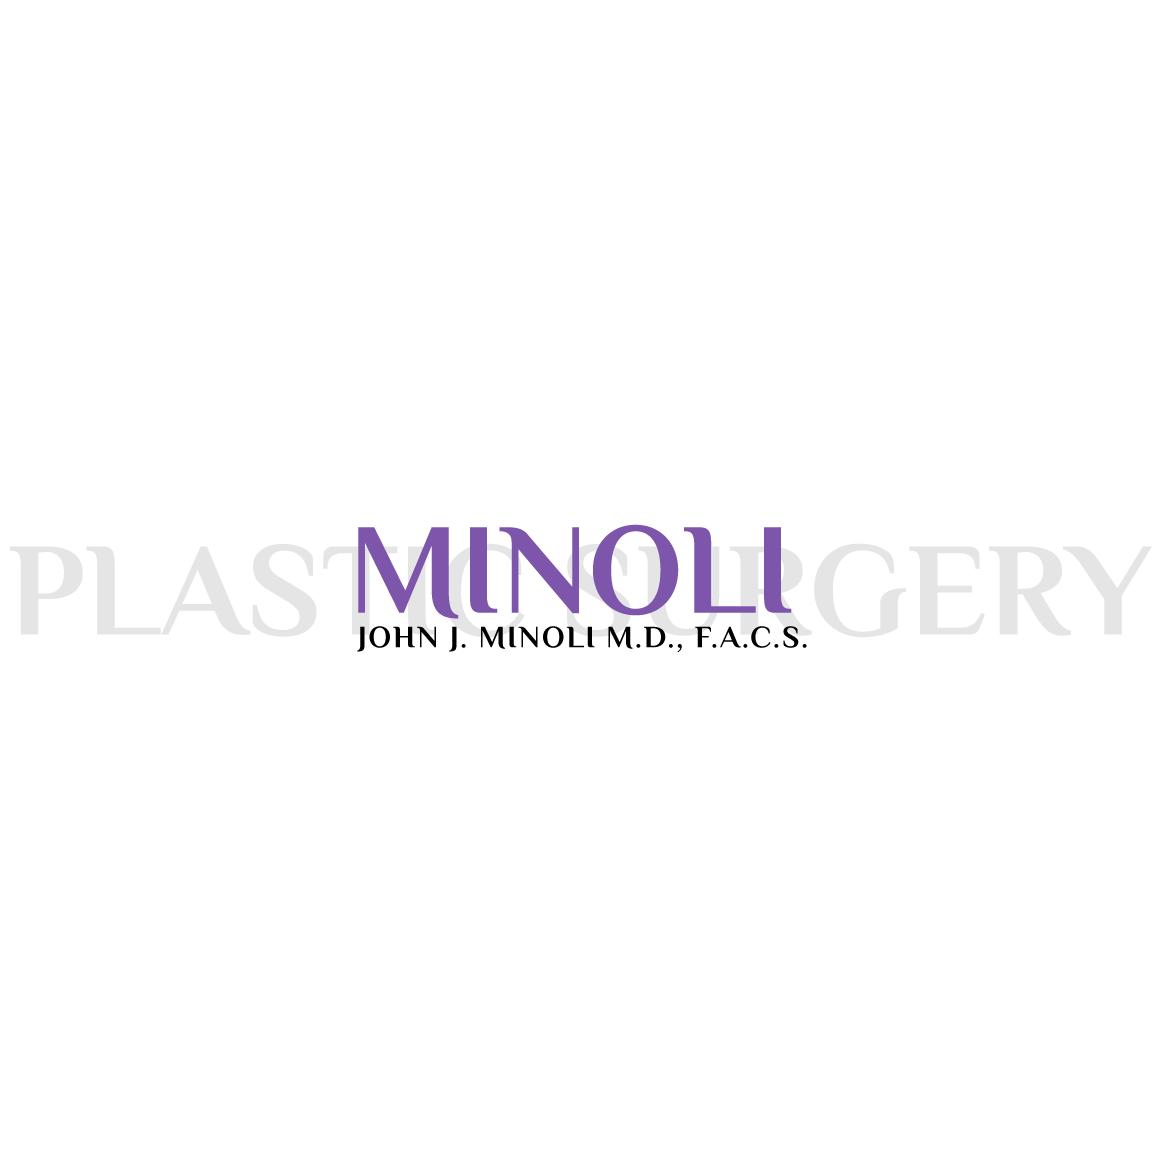 Dr. John J. Minoli, MD